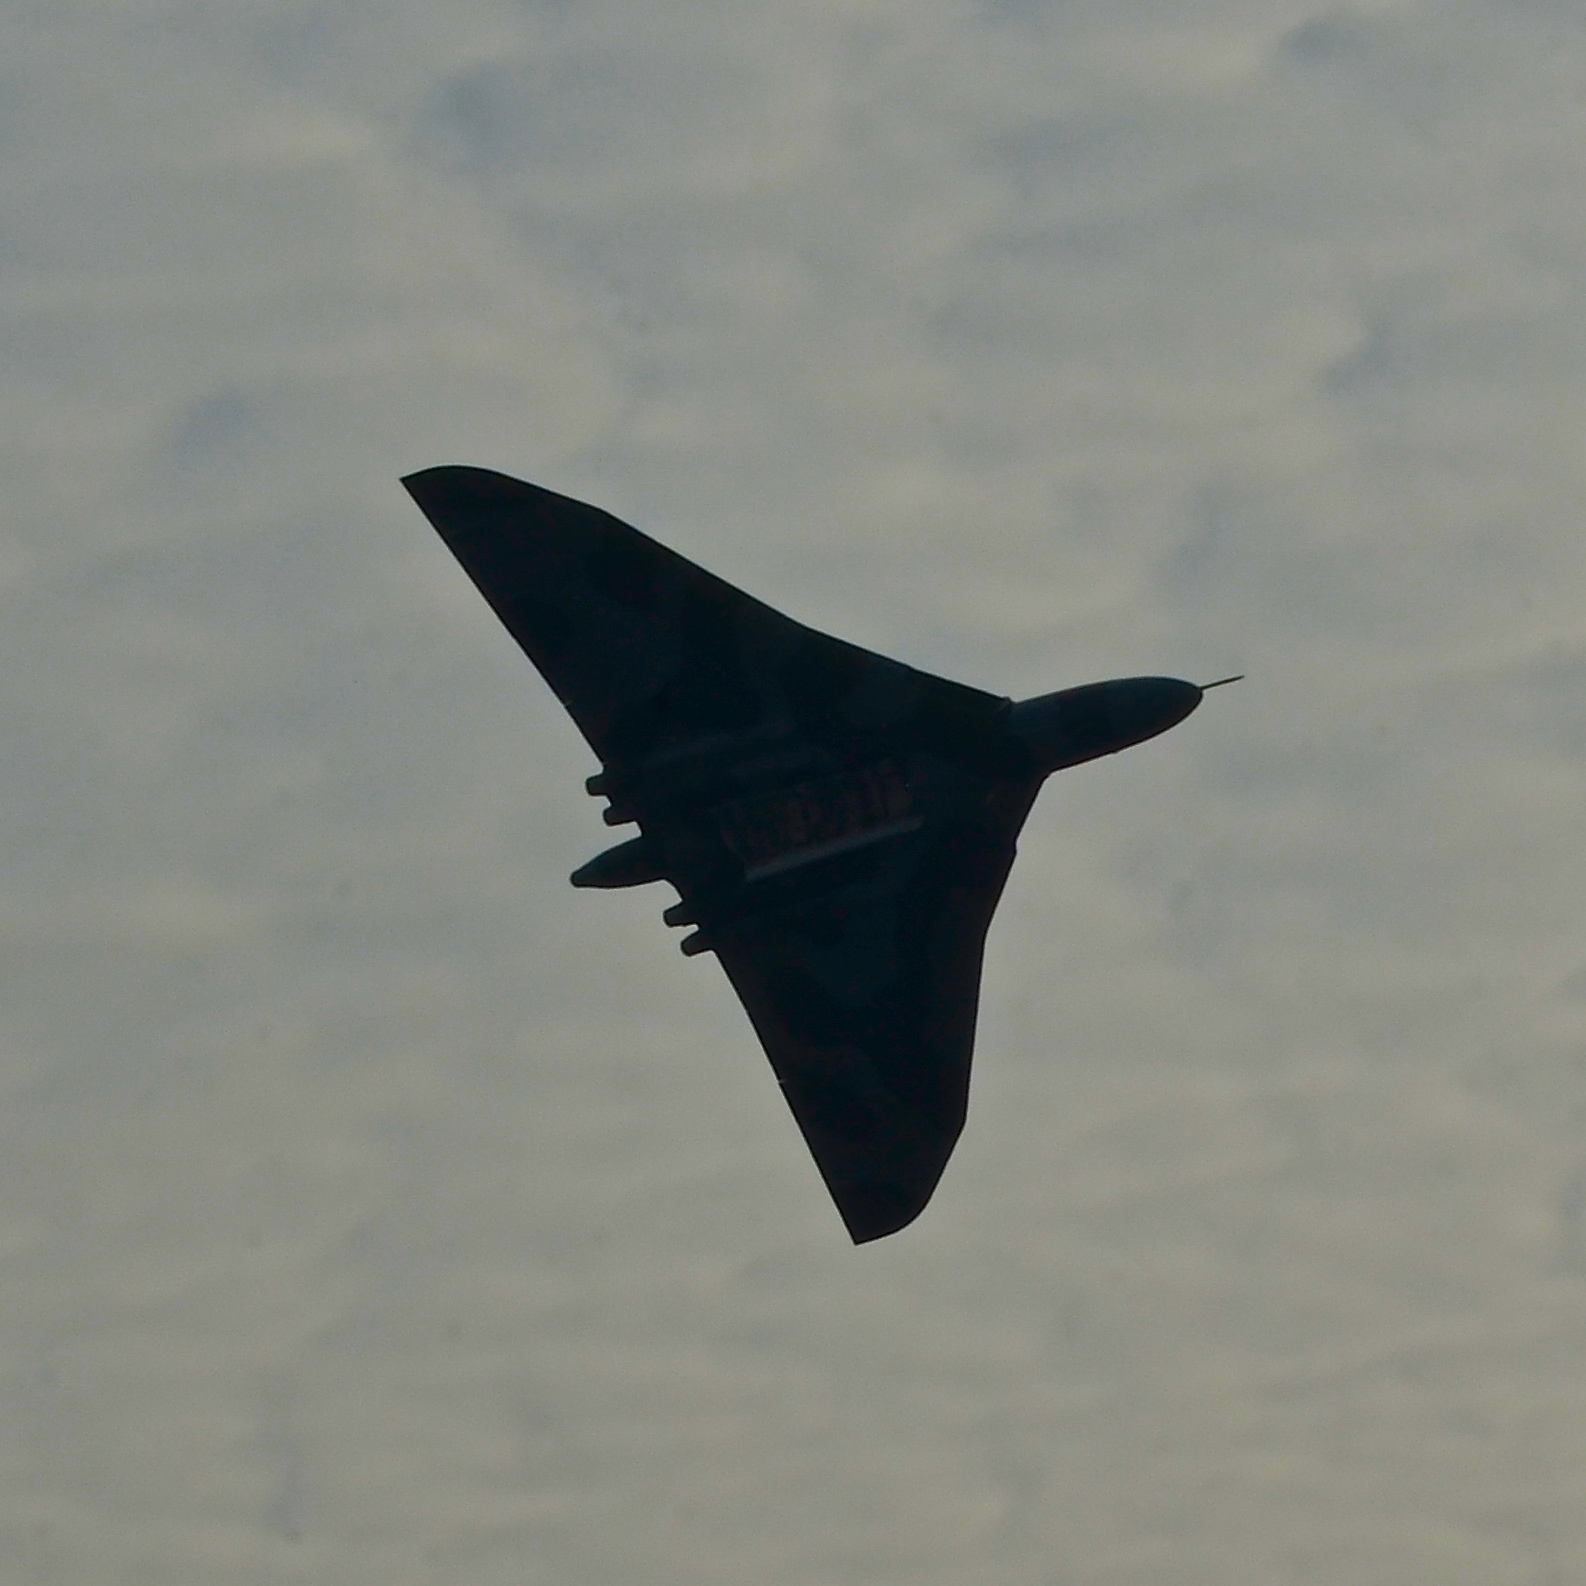 Vulcan Silhouette